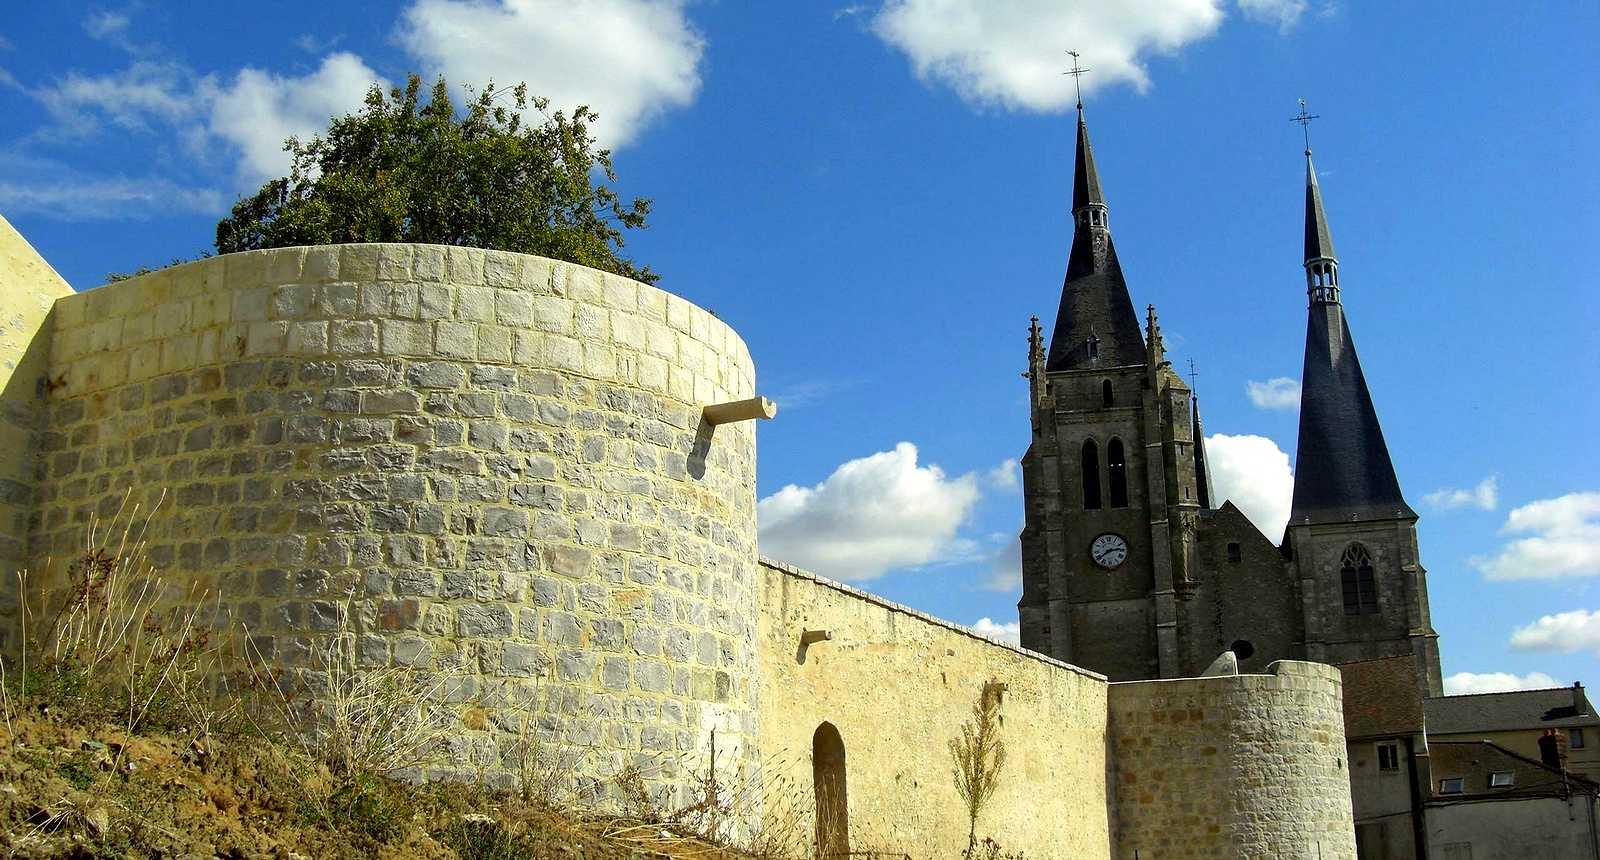 Le Château et l'église Saint-Germain-l'Auxerrois de Dourdan